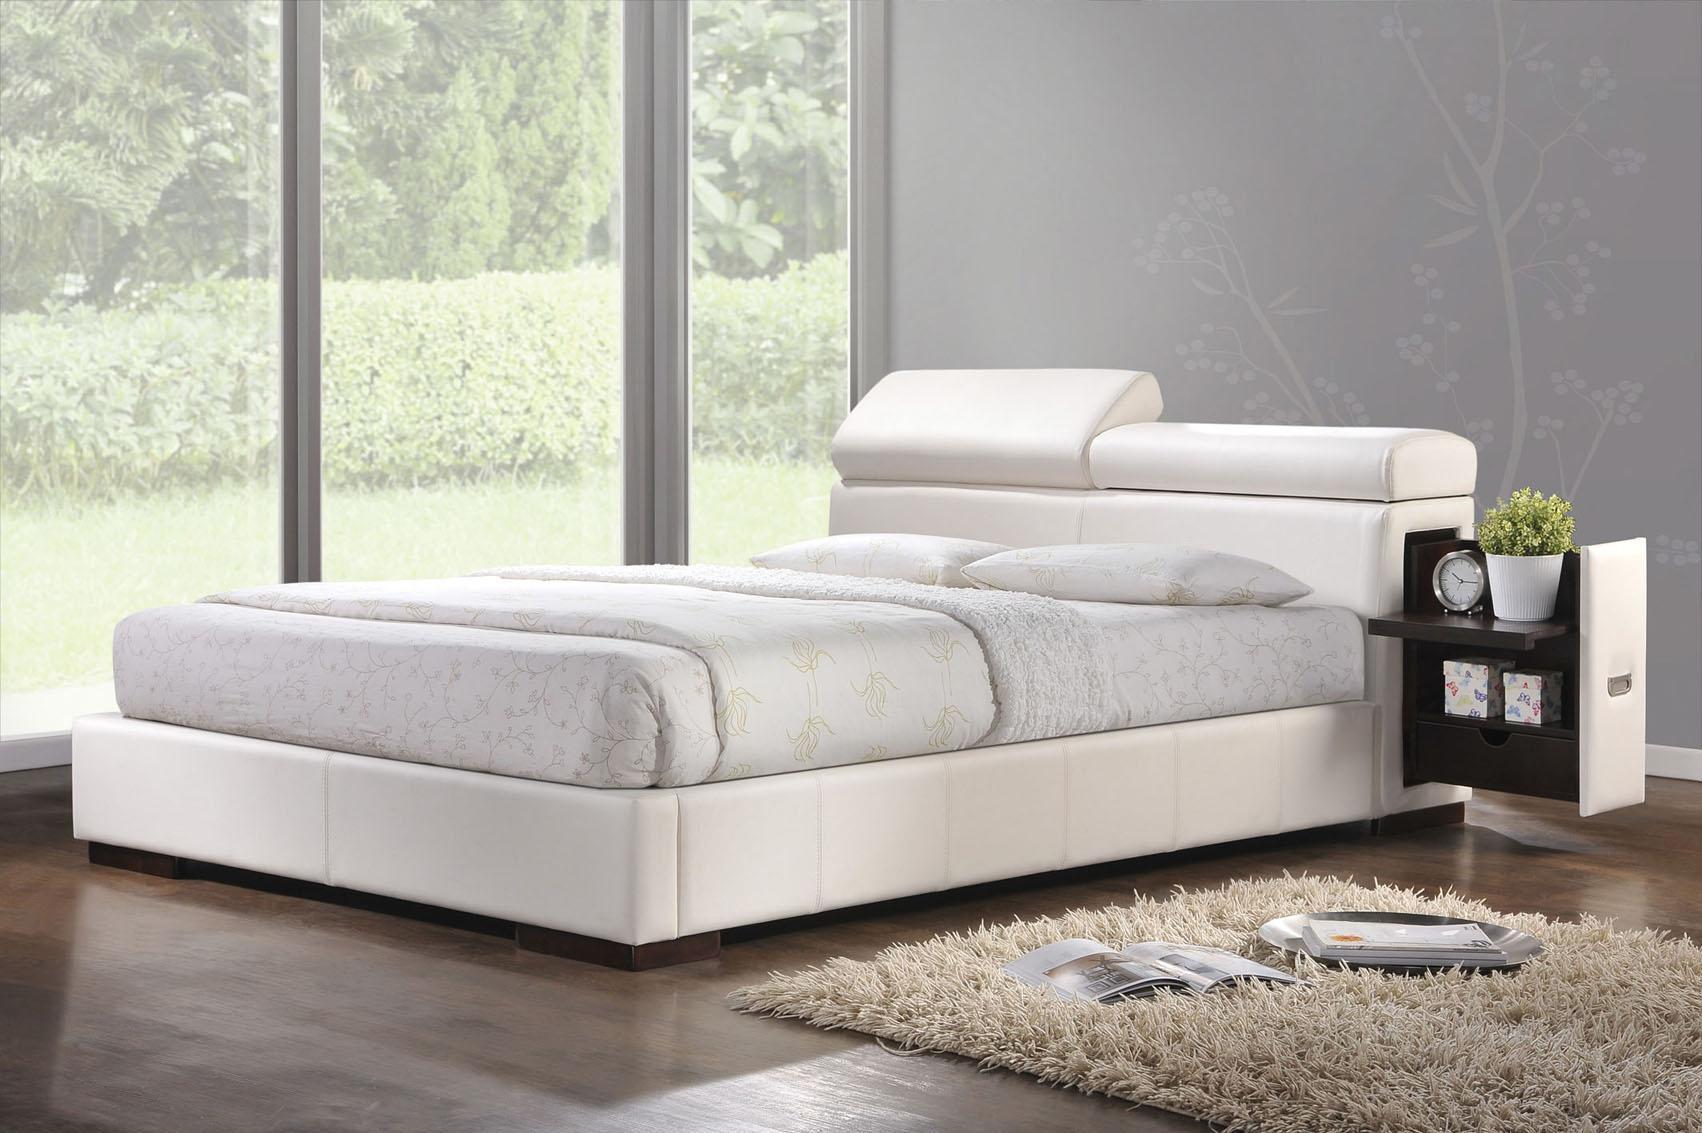 Acme Furniture Manjot King Bed - Item Number: 20417EK